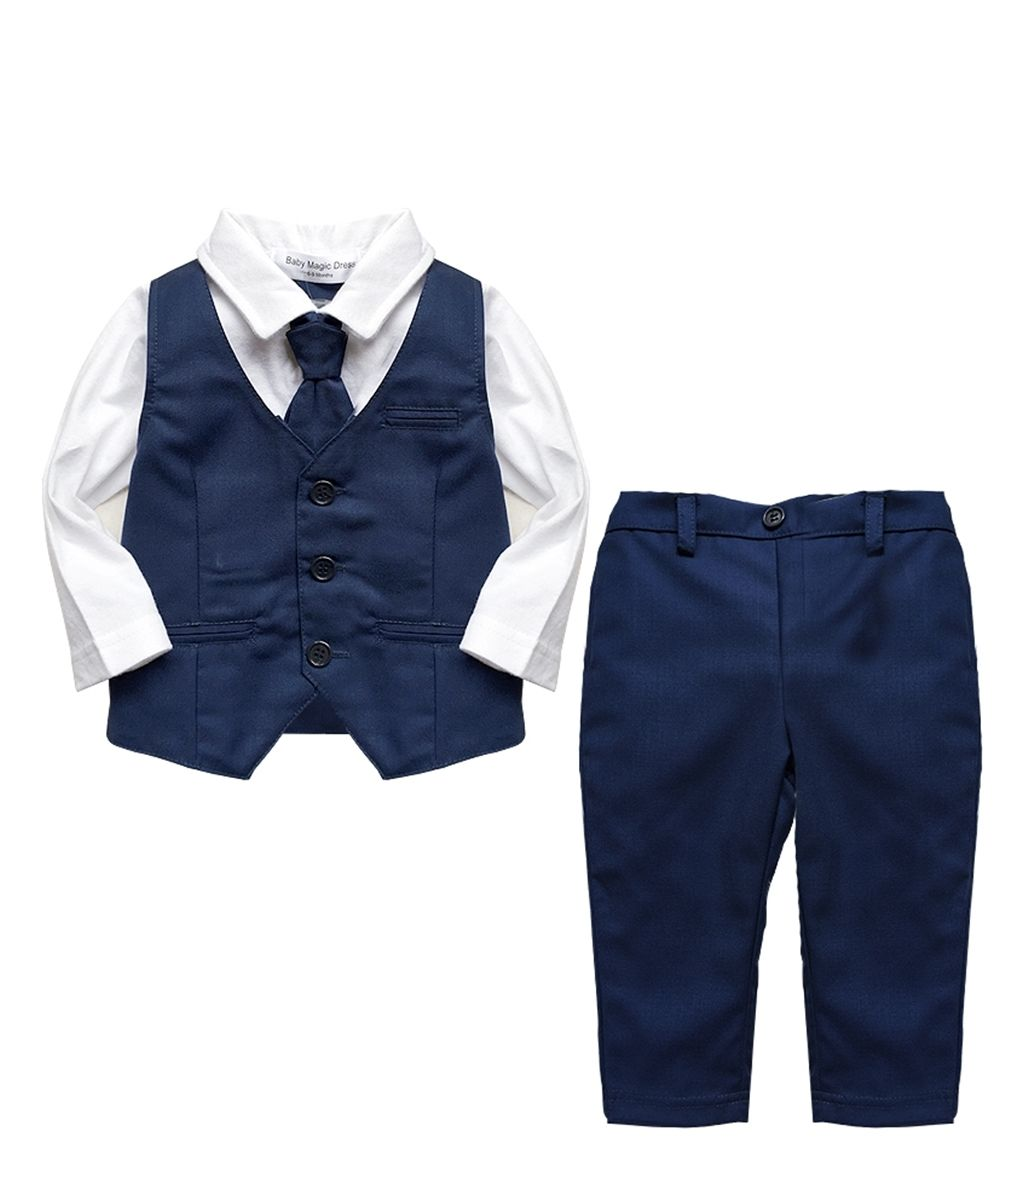 AKCE - tmavě modrý oblek k zapůjčení - Obrázek č. 1